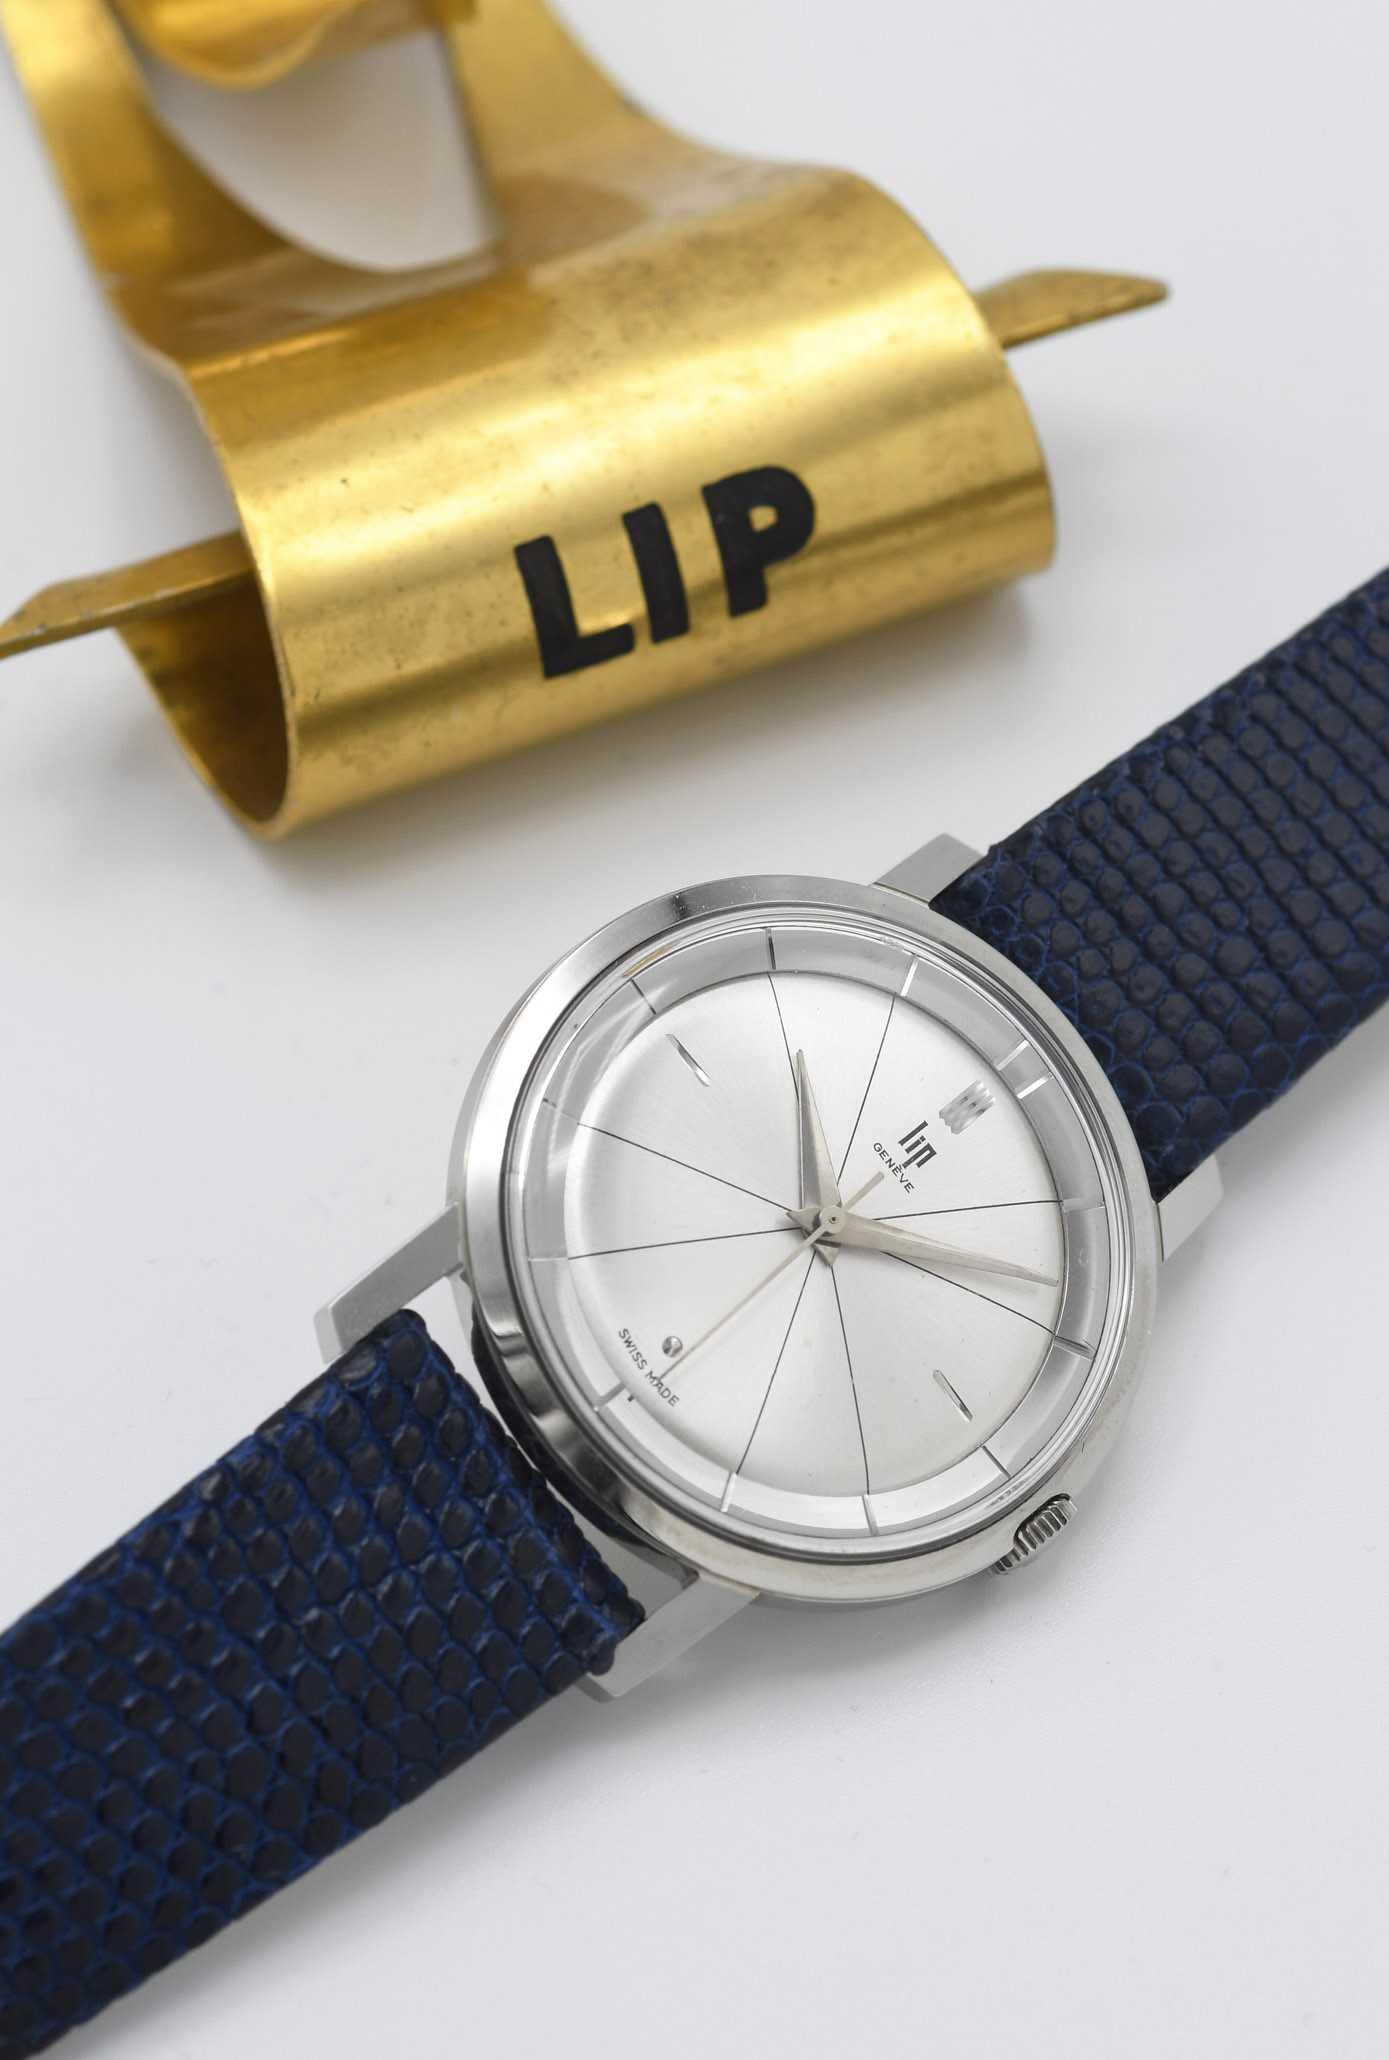 LIP (GENÈVE CLASSIQUE - SOLEIL RÉF. 5328 ), vers 1966